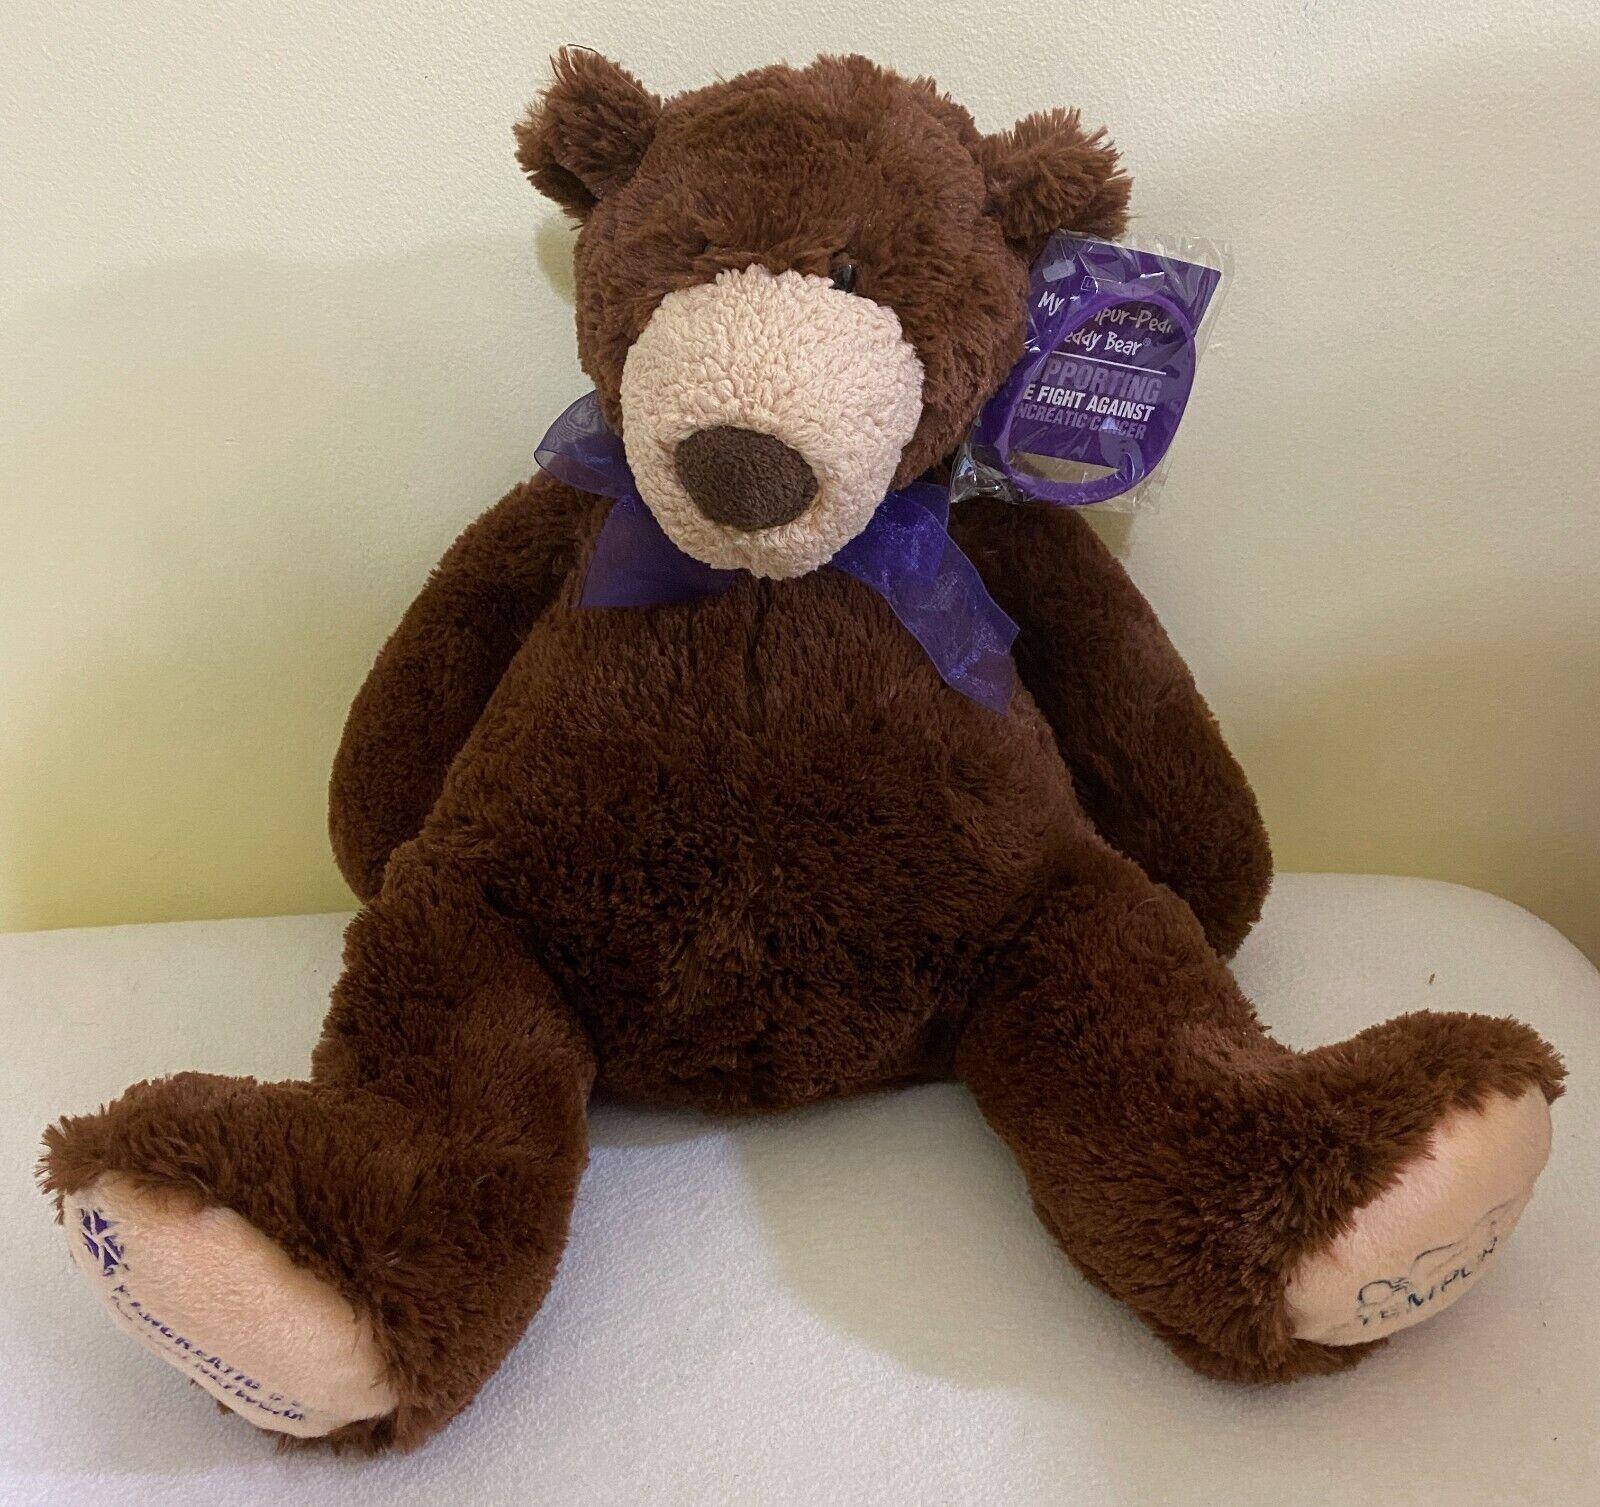 NEW TEMPUR-PEDIC Tempurpedic Teddy  Bear Memory Foam Mattres